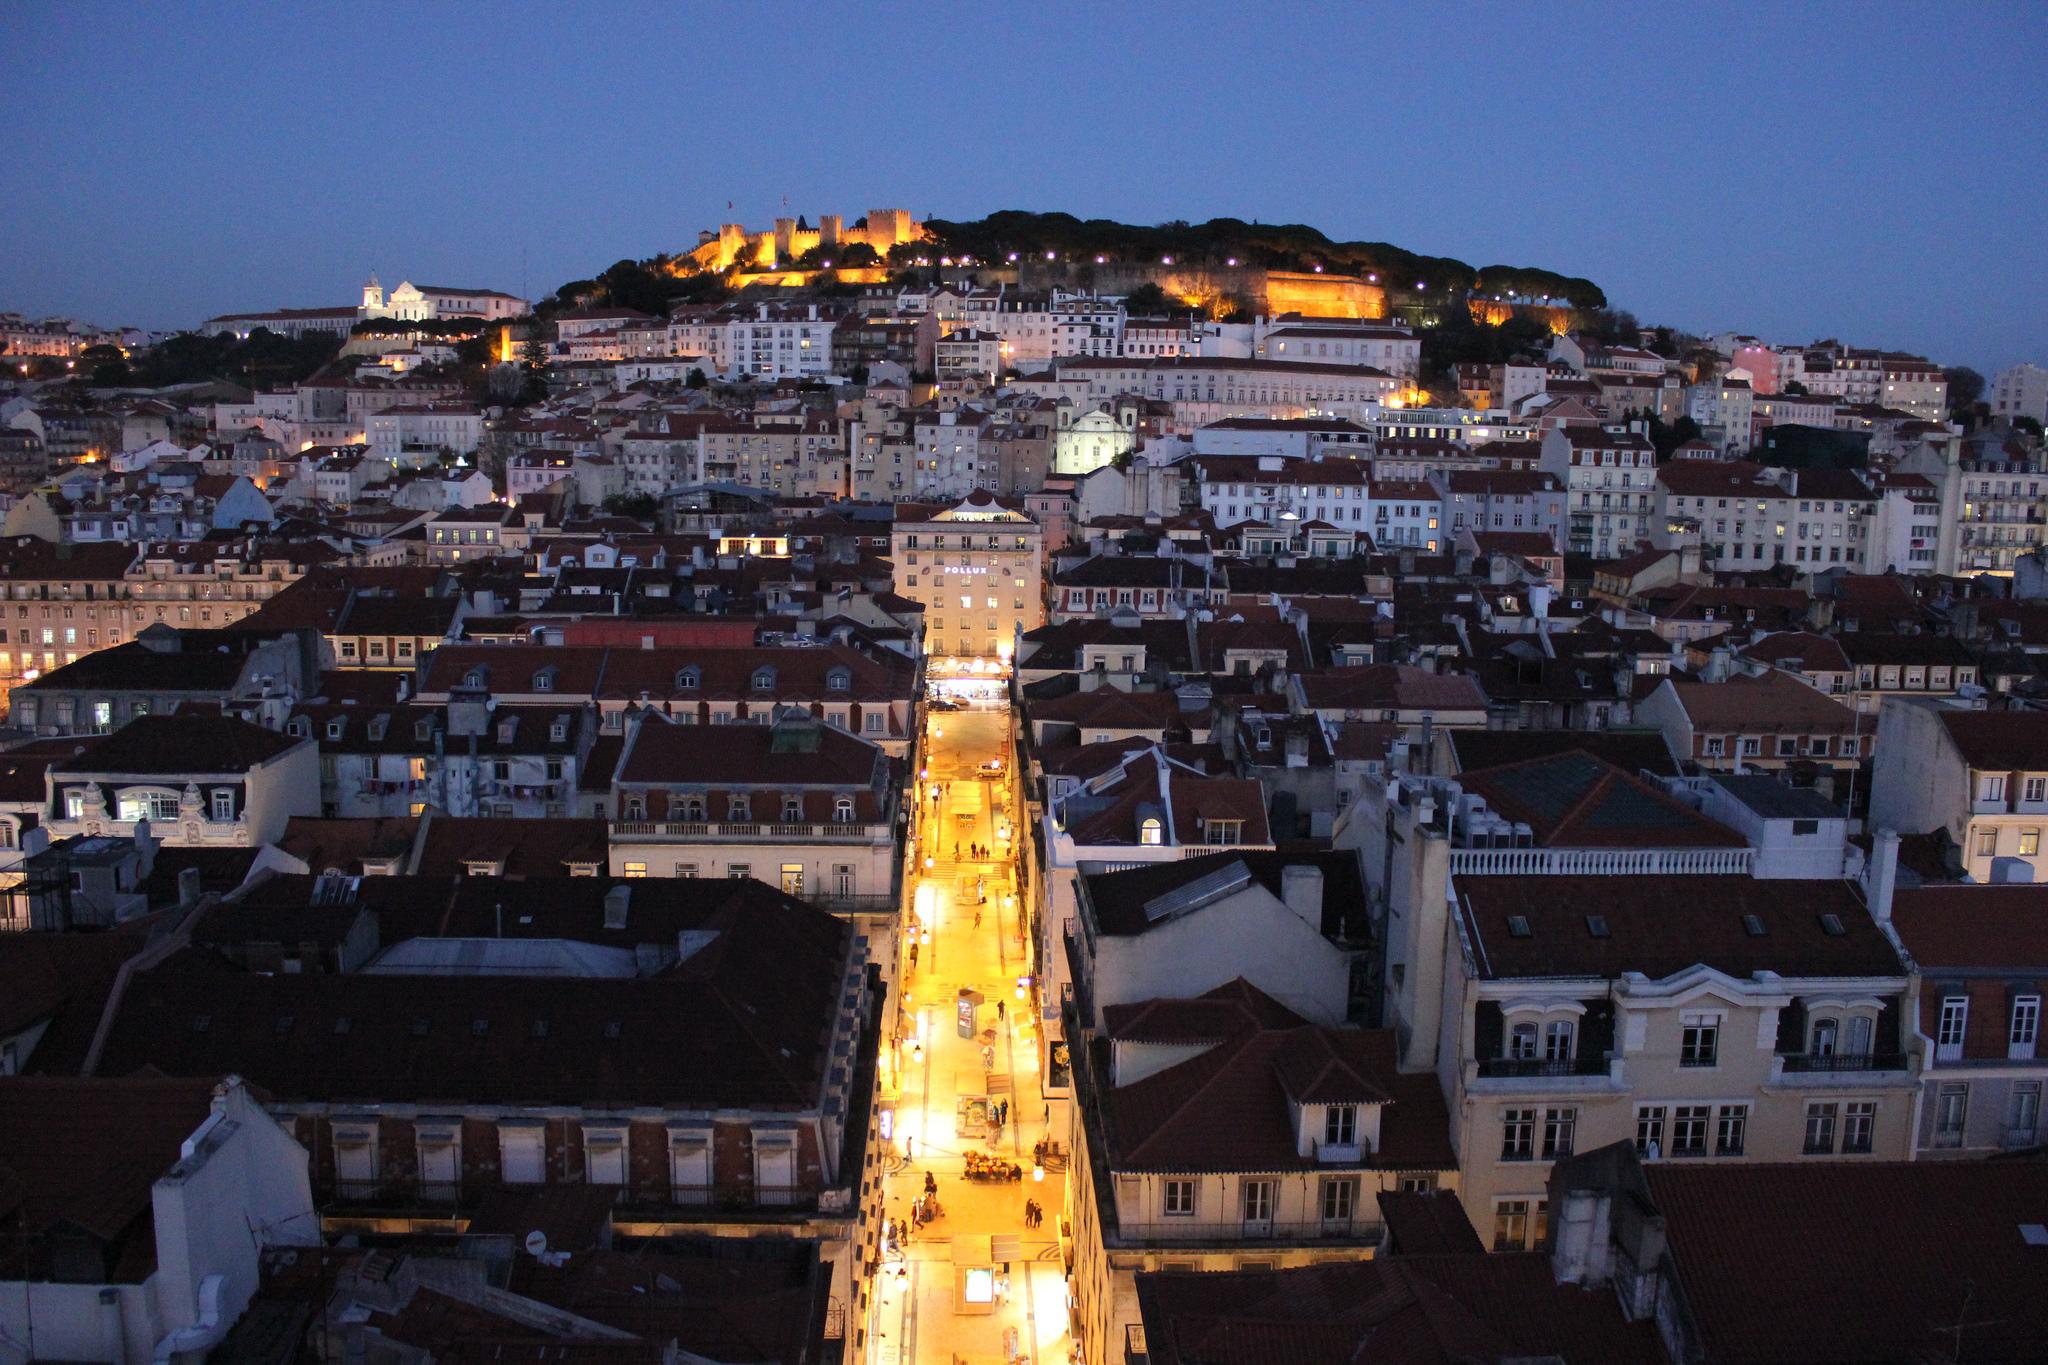 ягуар эксцентричная лиссабон столица португалии фото и описание можем